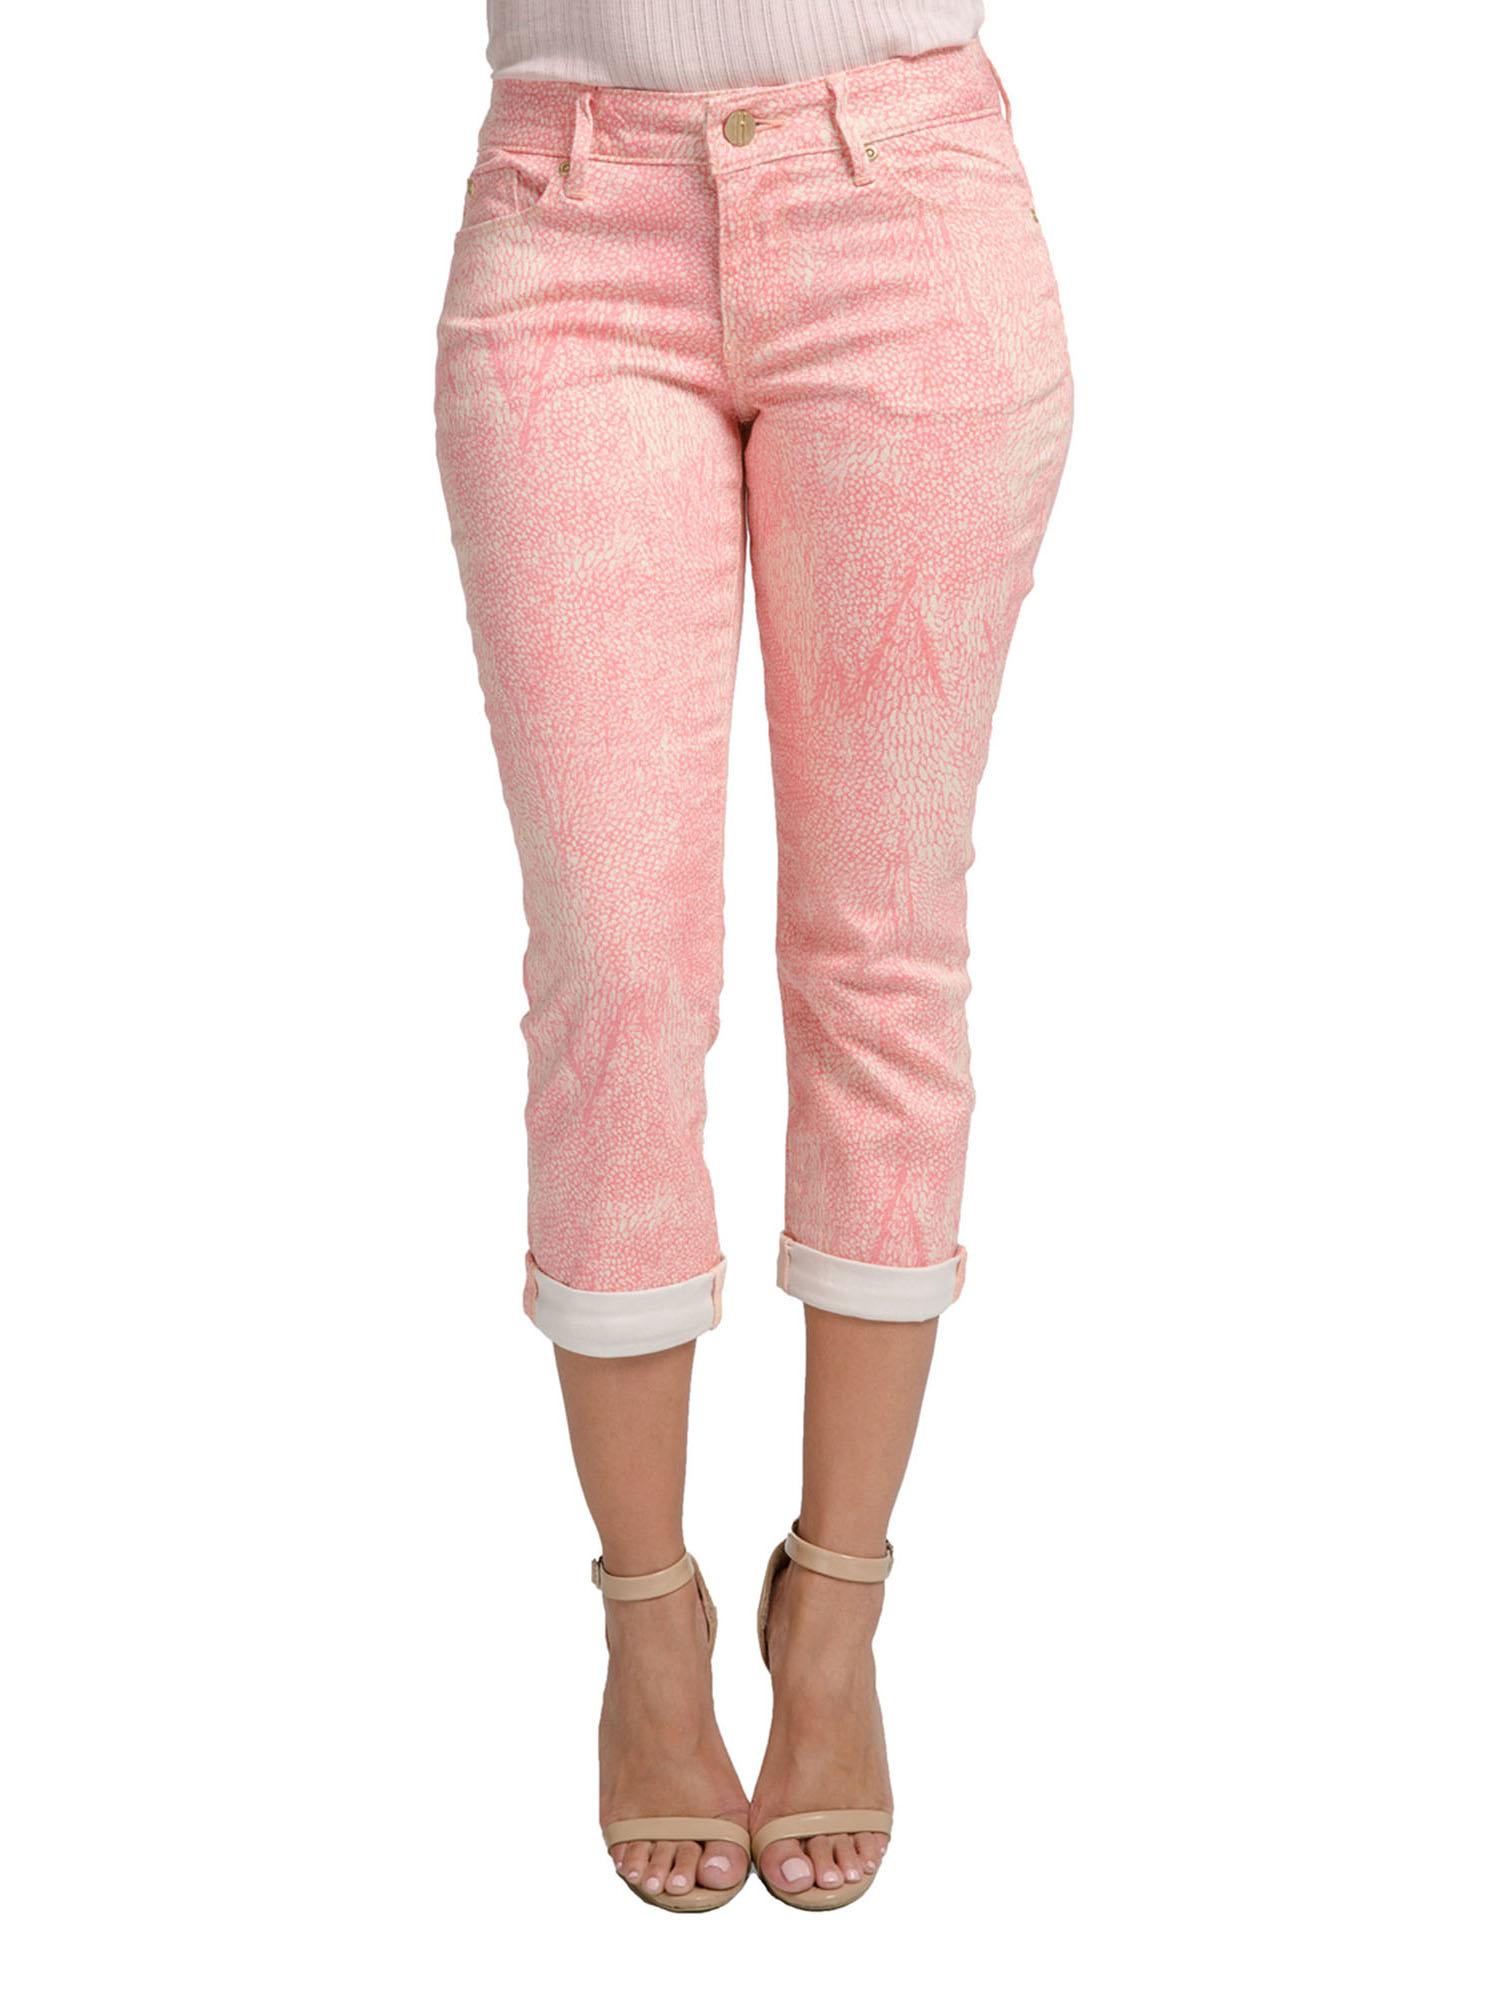 Miss Halladay women's Light Plum Stretch Twill Capri Pants Cuffed Hem Tree Skin Print